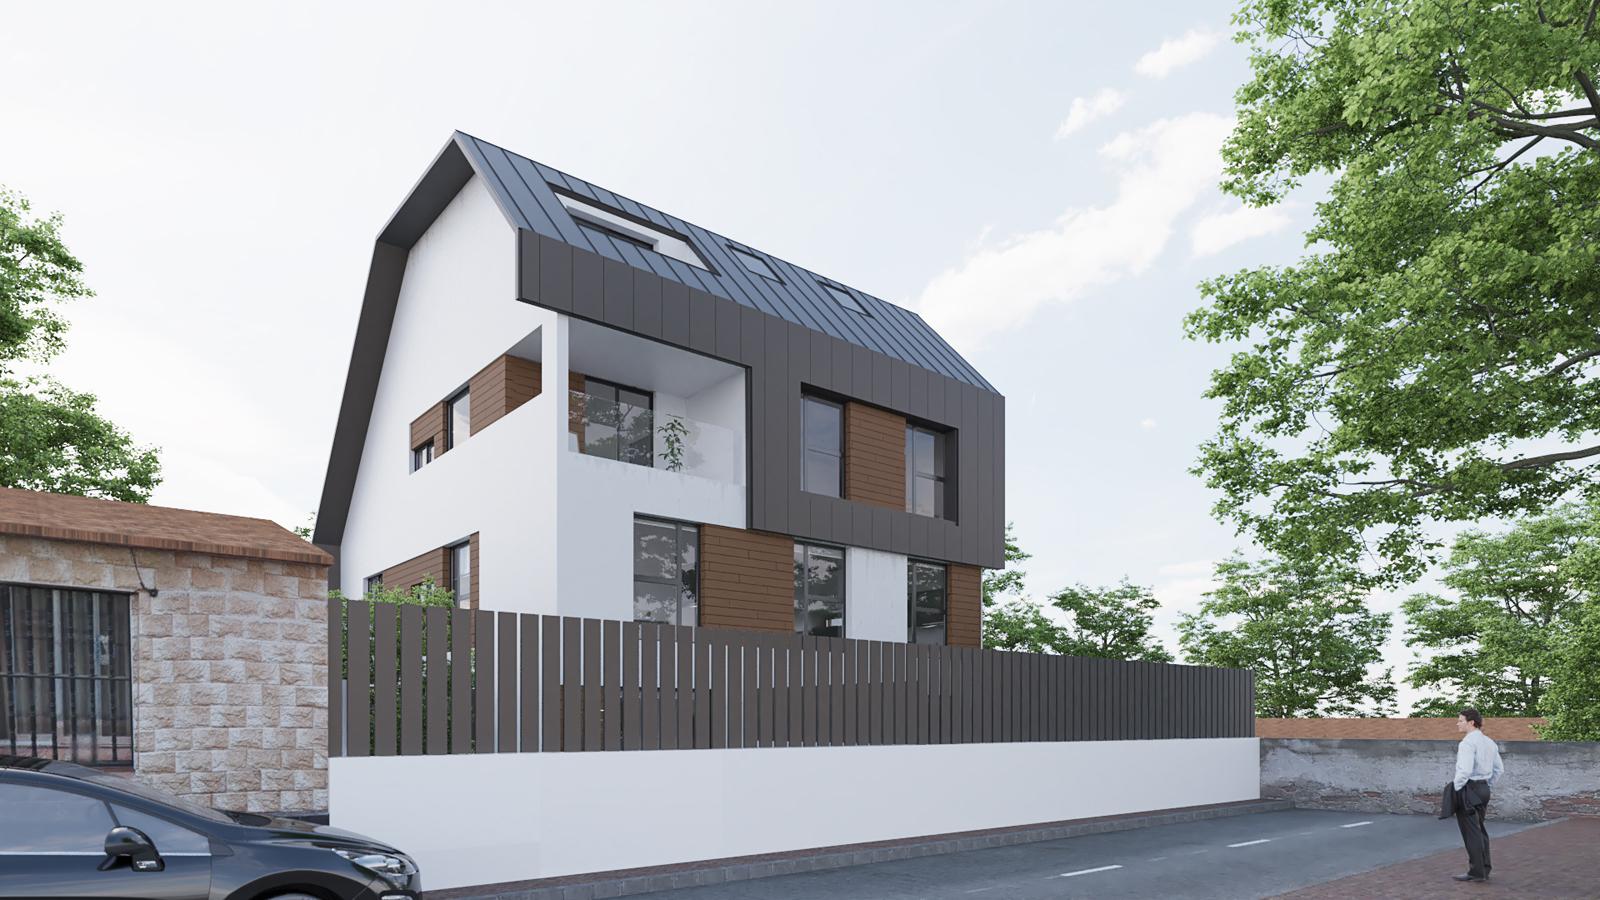 edificio tahona design situado en pozuelo de alarcon 03